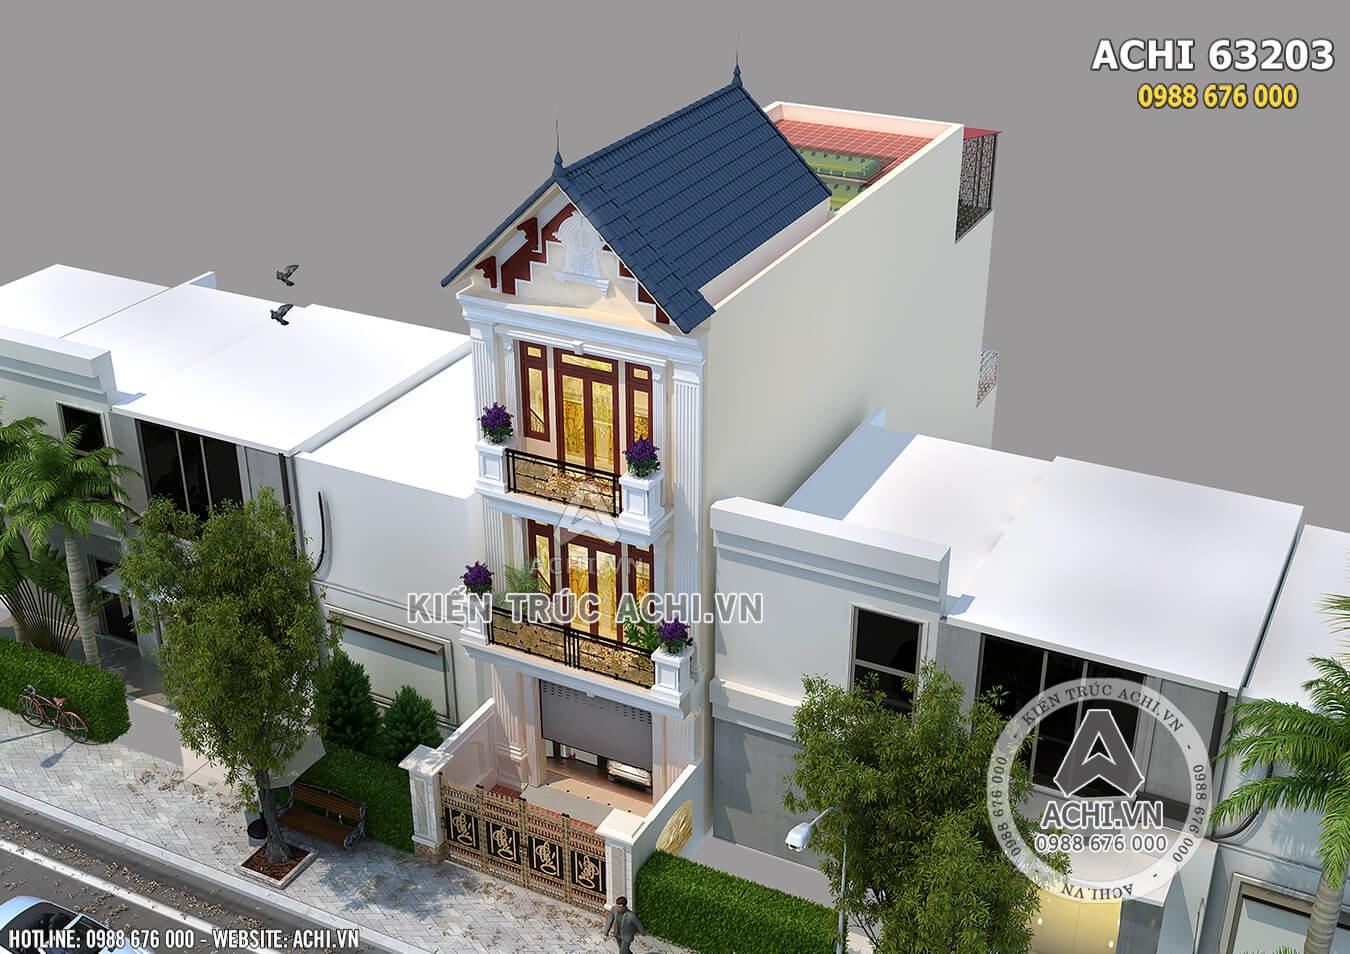 Hình ảnh: Mẫu thiết kế nhà phố 3 tầng tân cổ điển– Mã số: ACHI 63023